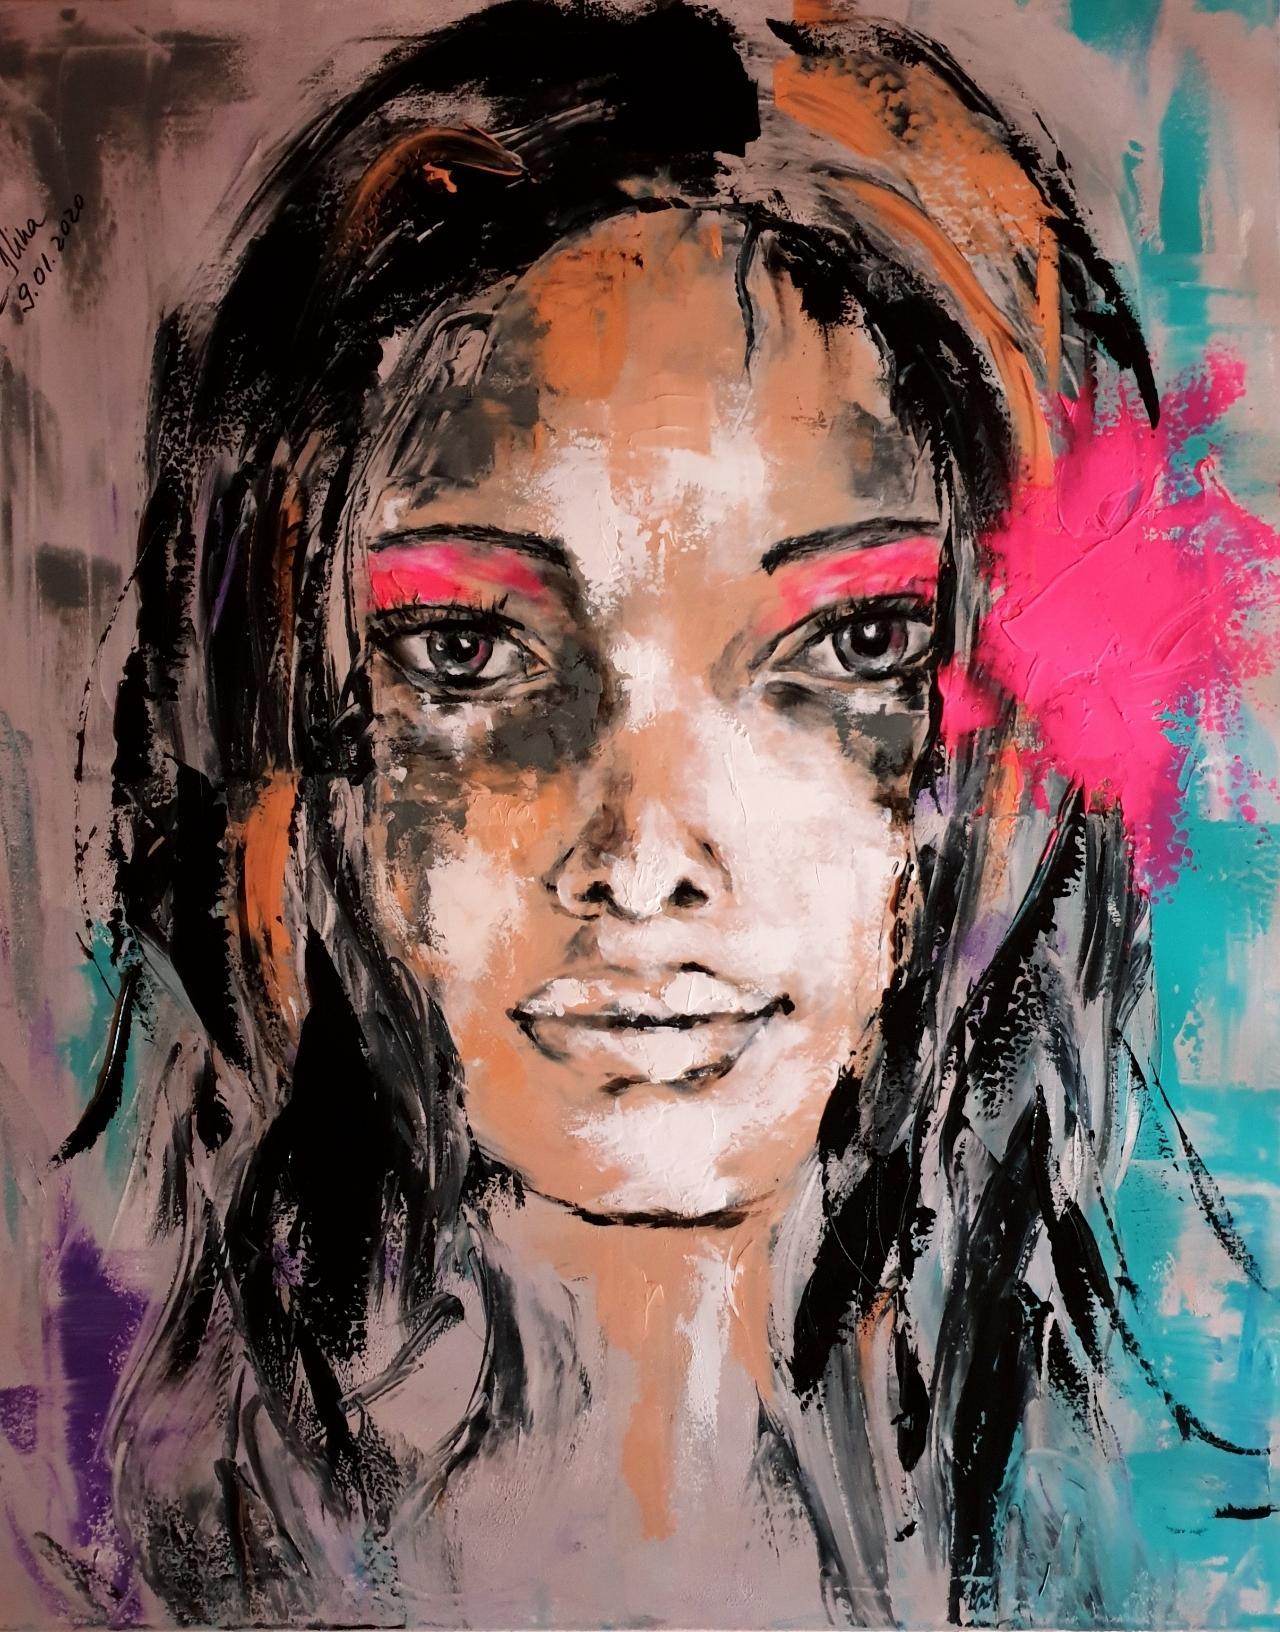 ArteDiAlina.com painting: Pink spot